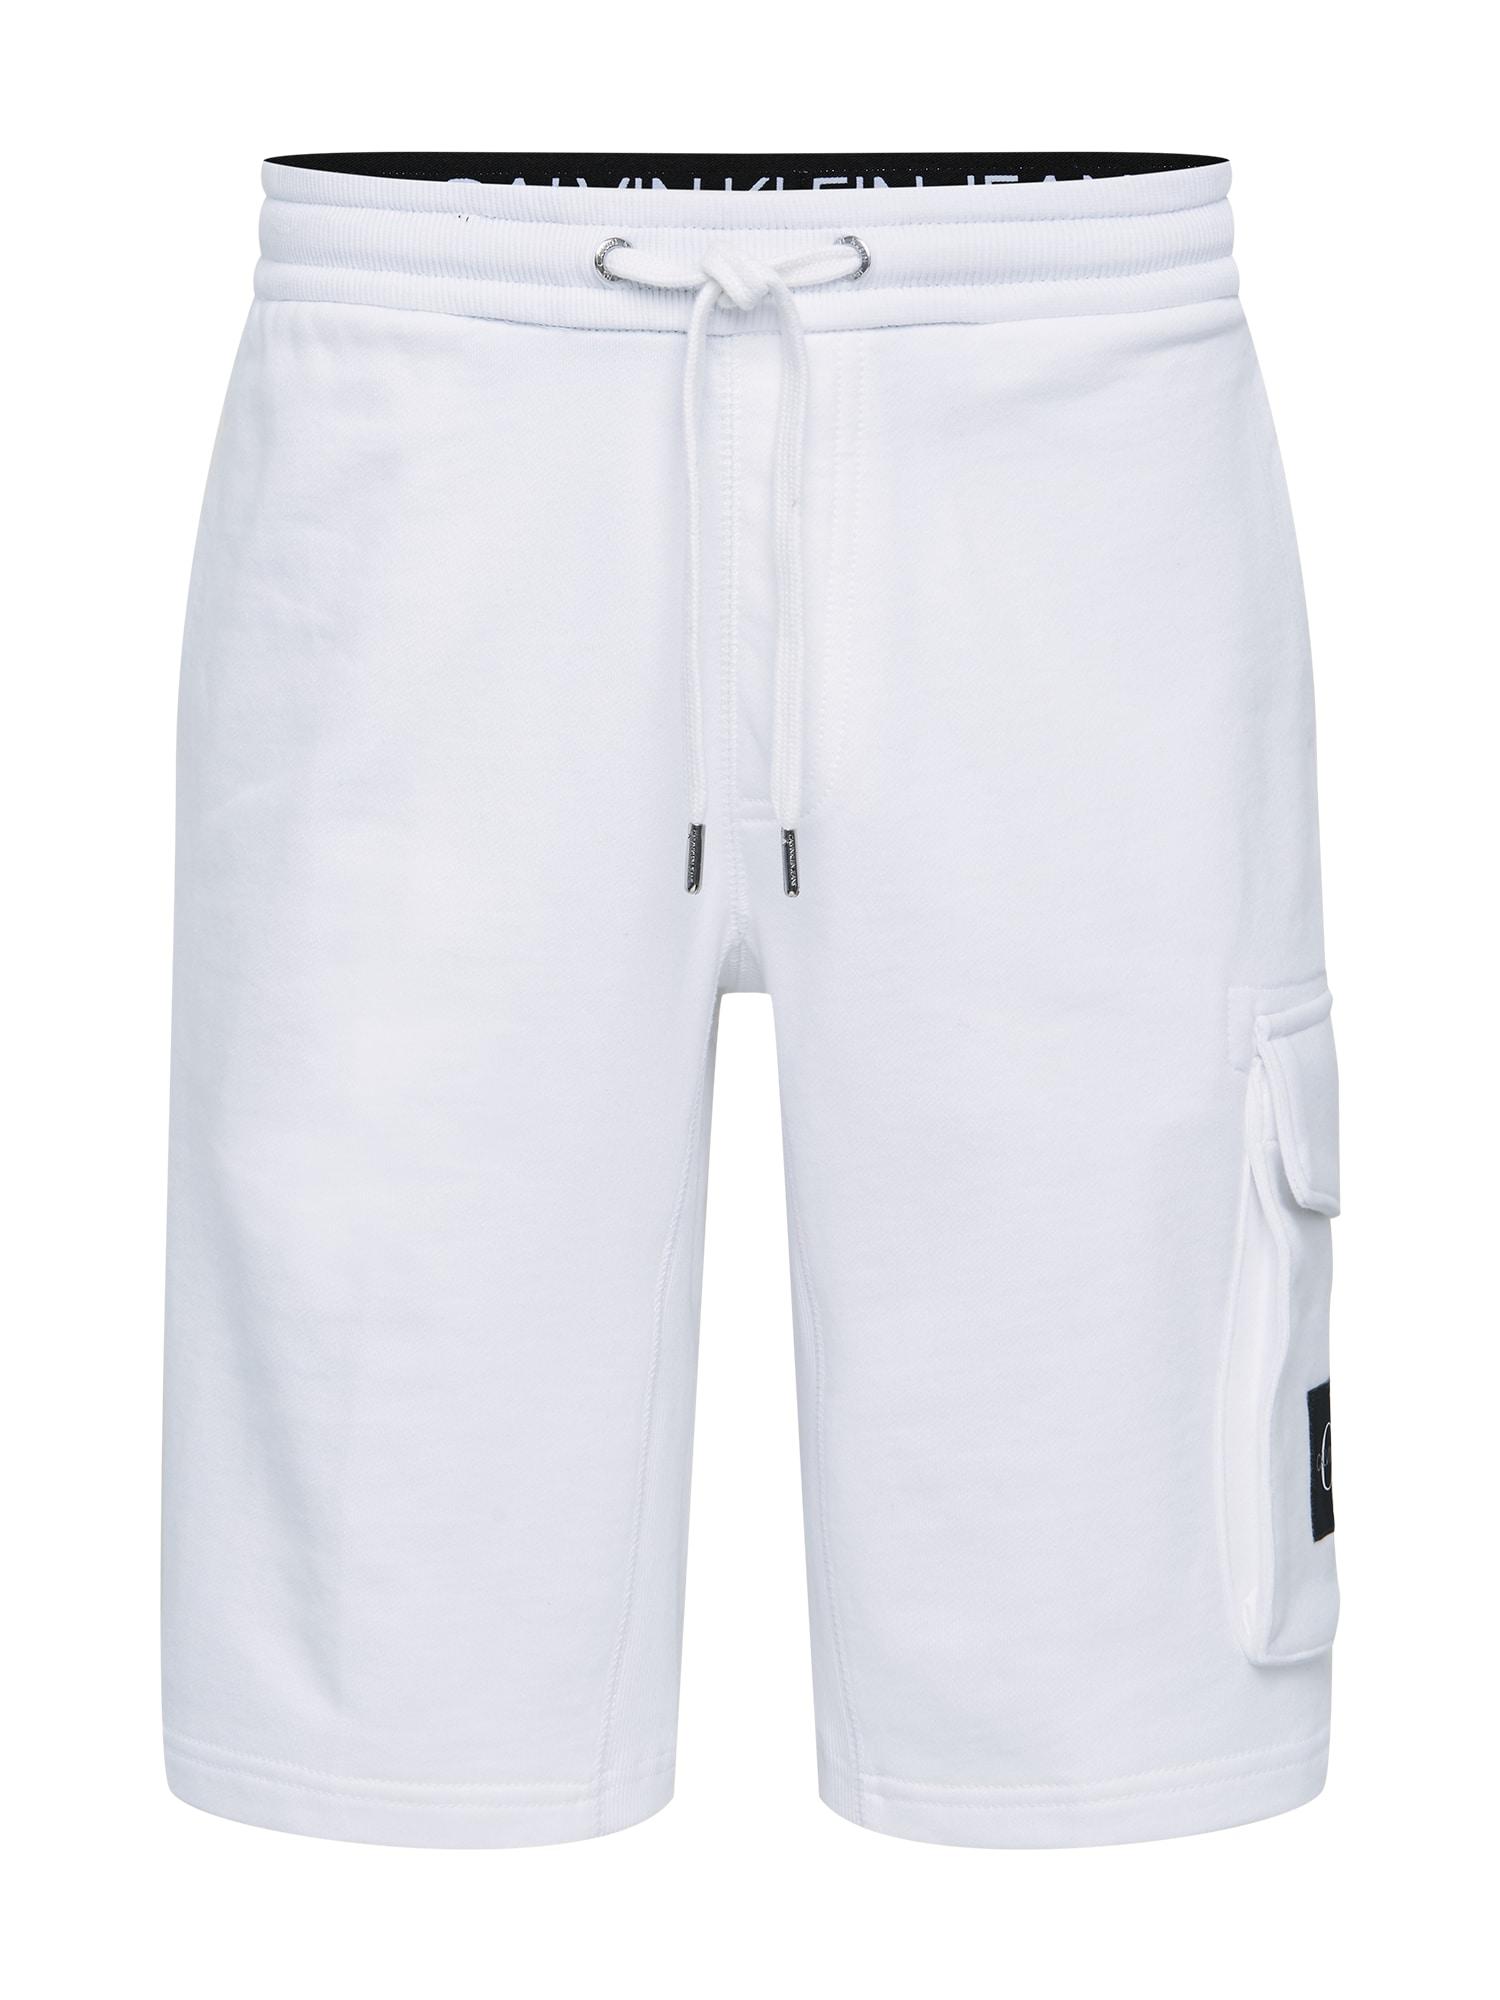 Calvin Klein Jeans Laisvo stiliaus kelnės 'MONOGRAM PATCH HWK SHORT' balta